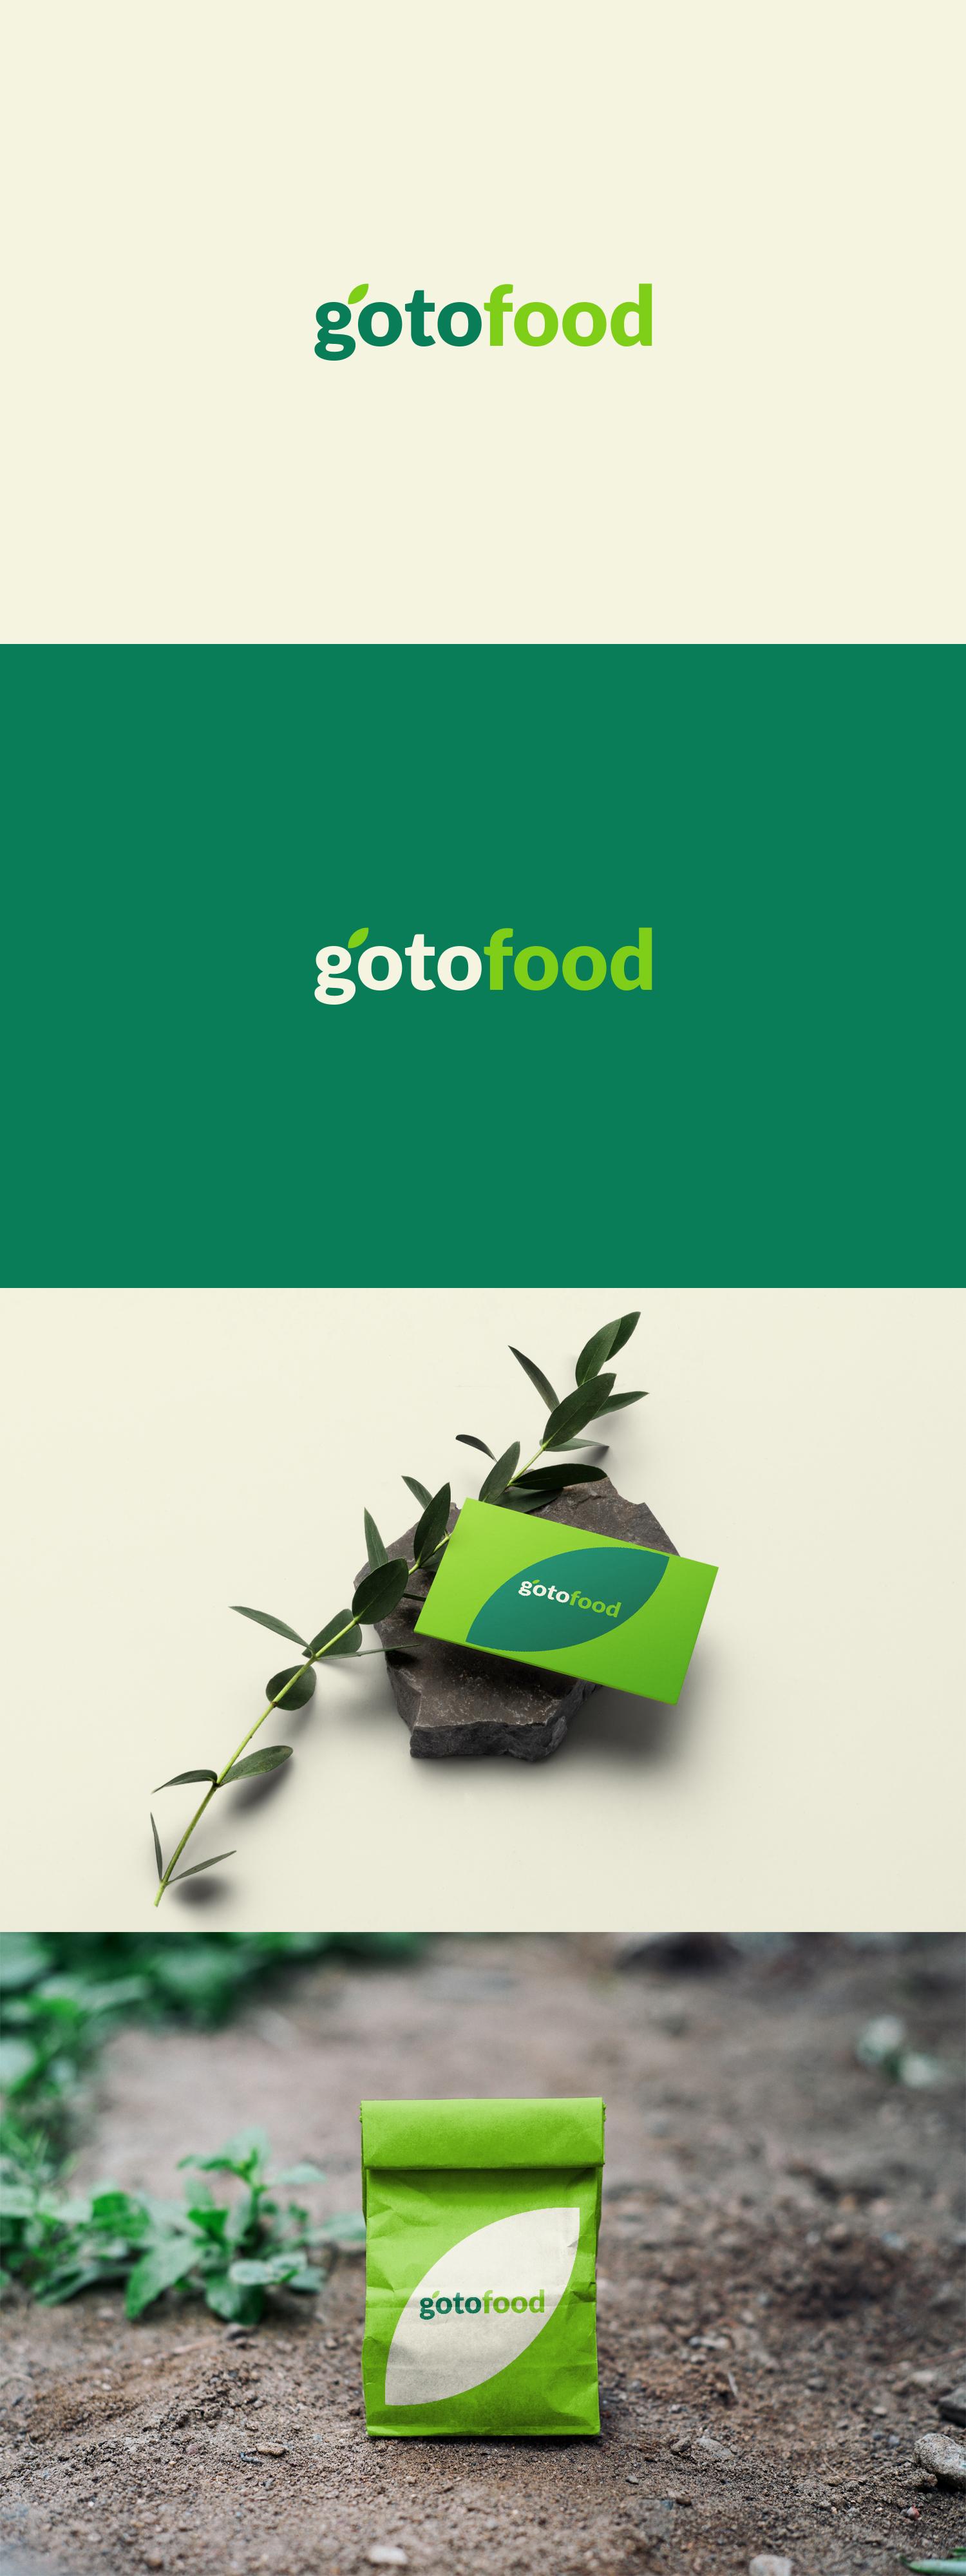 Логотип интернет-магазина здоровой еды фото f_8585cd31fddb1bec.jpg